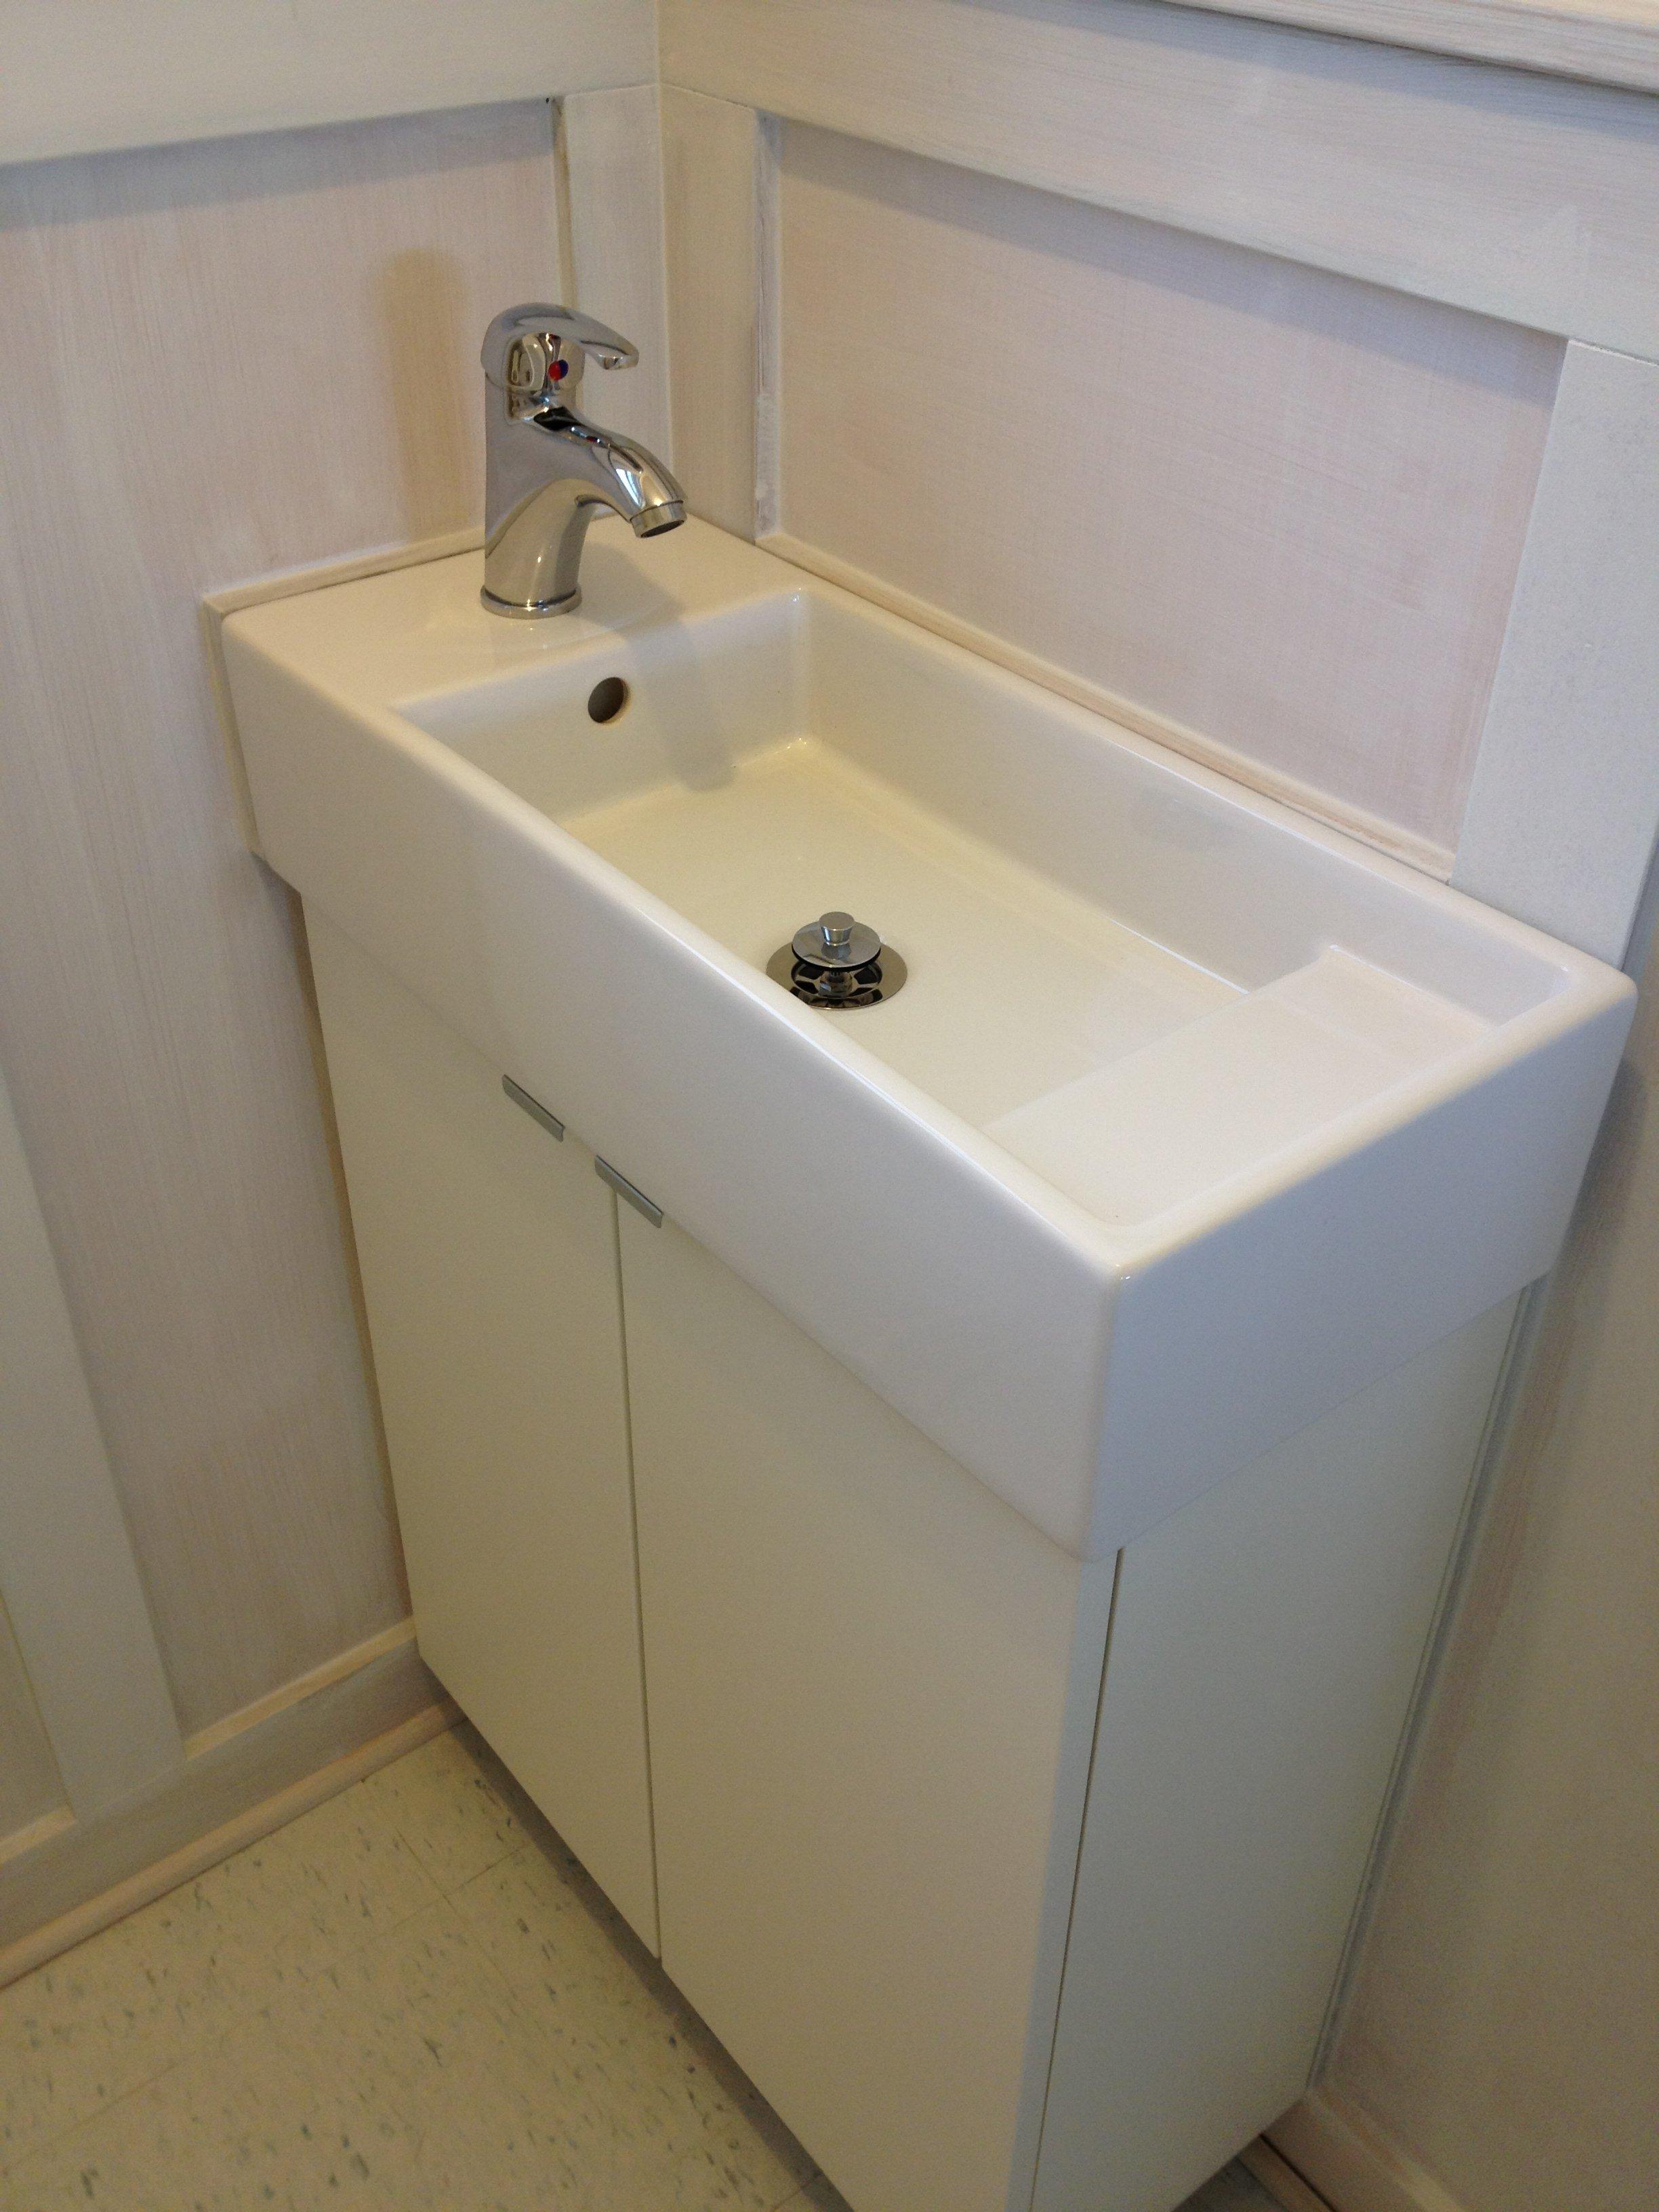 big sale bb5c2 725f2 Lillangen Sink from Ikea. with Krakskar faucet - WNY Handyman